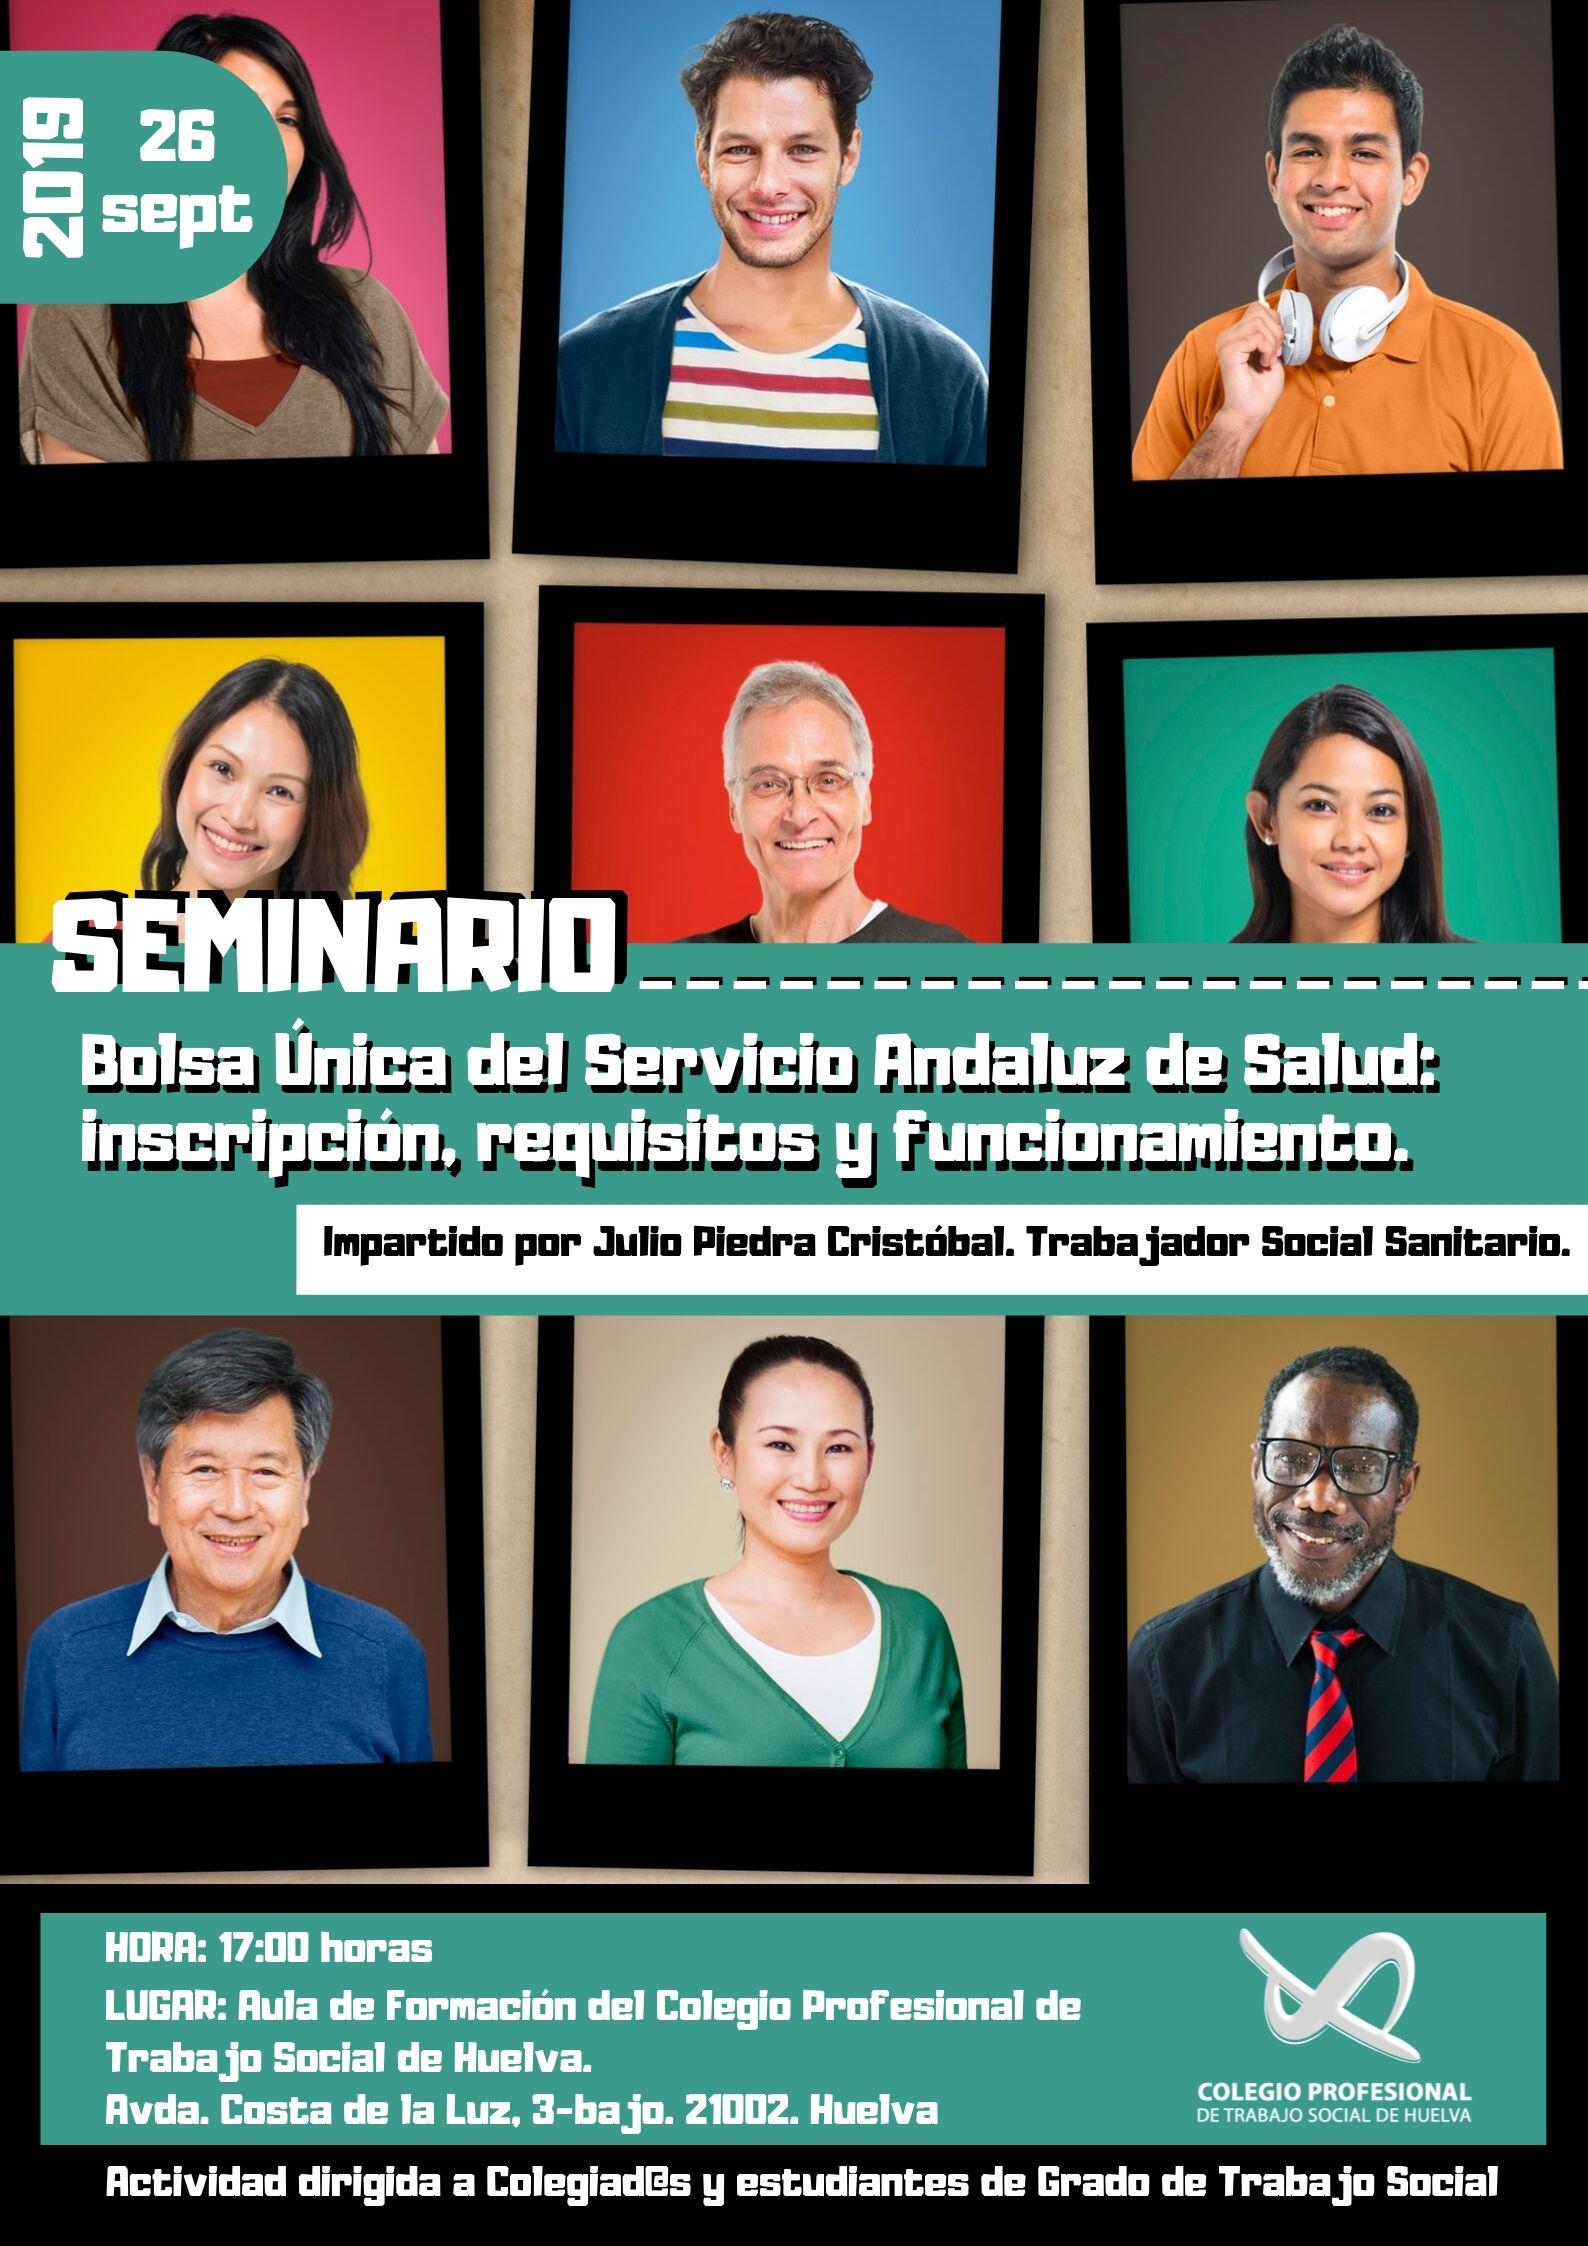 """SEMINARIO: """"BOLSA ÚNICA DEL SERVICIO ANDALUZ DE SALUD: INSCRIPCIÓN, REQUISITOS Y FUNCIONAMIENTO"""", IMPARTIDO POR JULIO PIEDRA CRISTÓBAL, TRABAJADOR SOCIAL SANITARIO."""